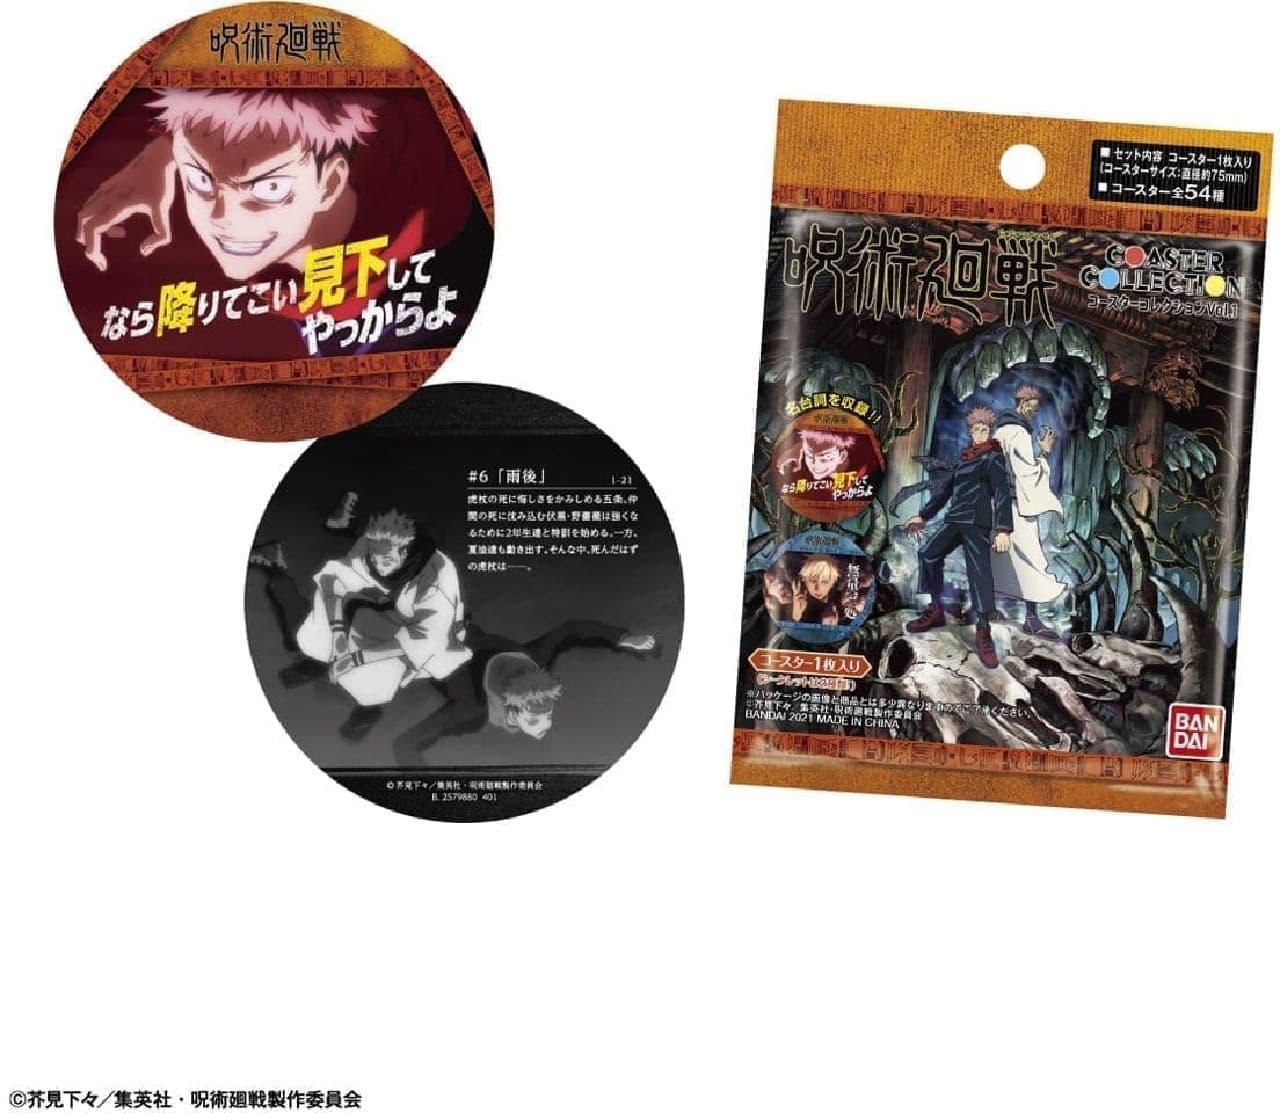 バンダイ「コースターコレクション 呪術廻戦 Vol.1」